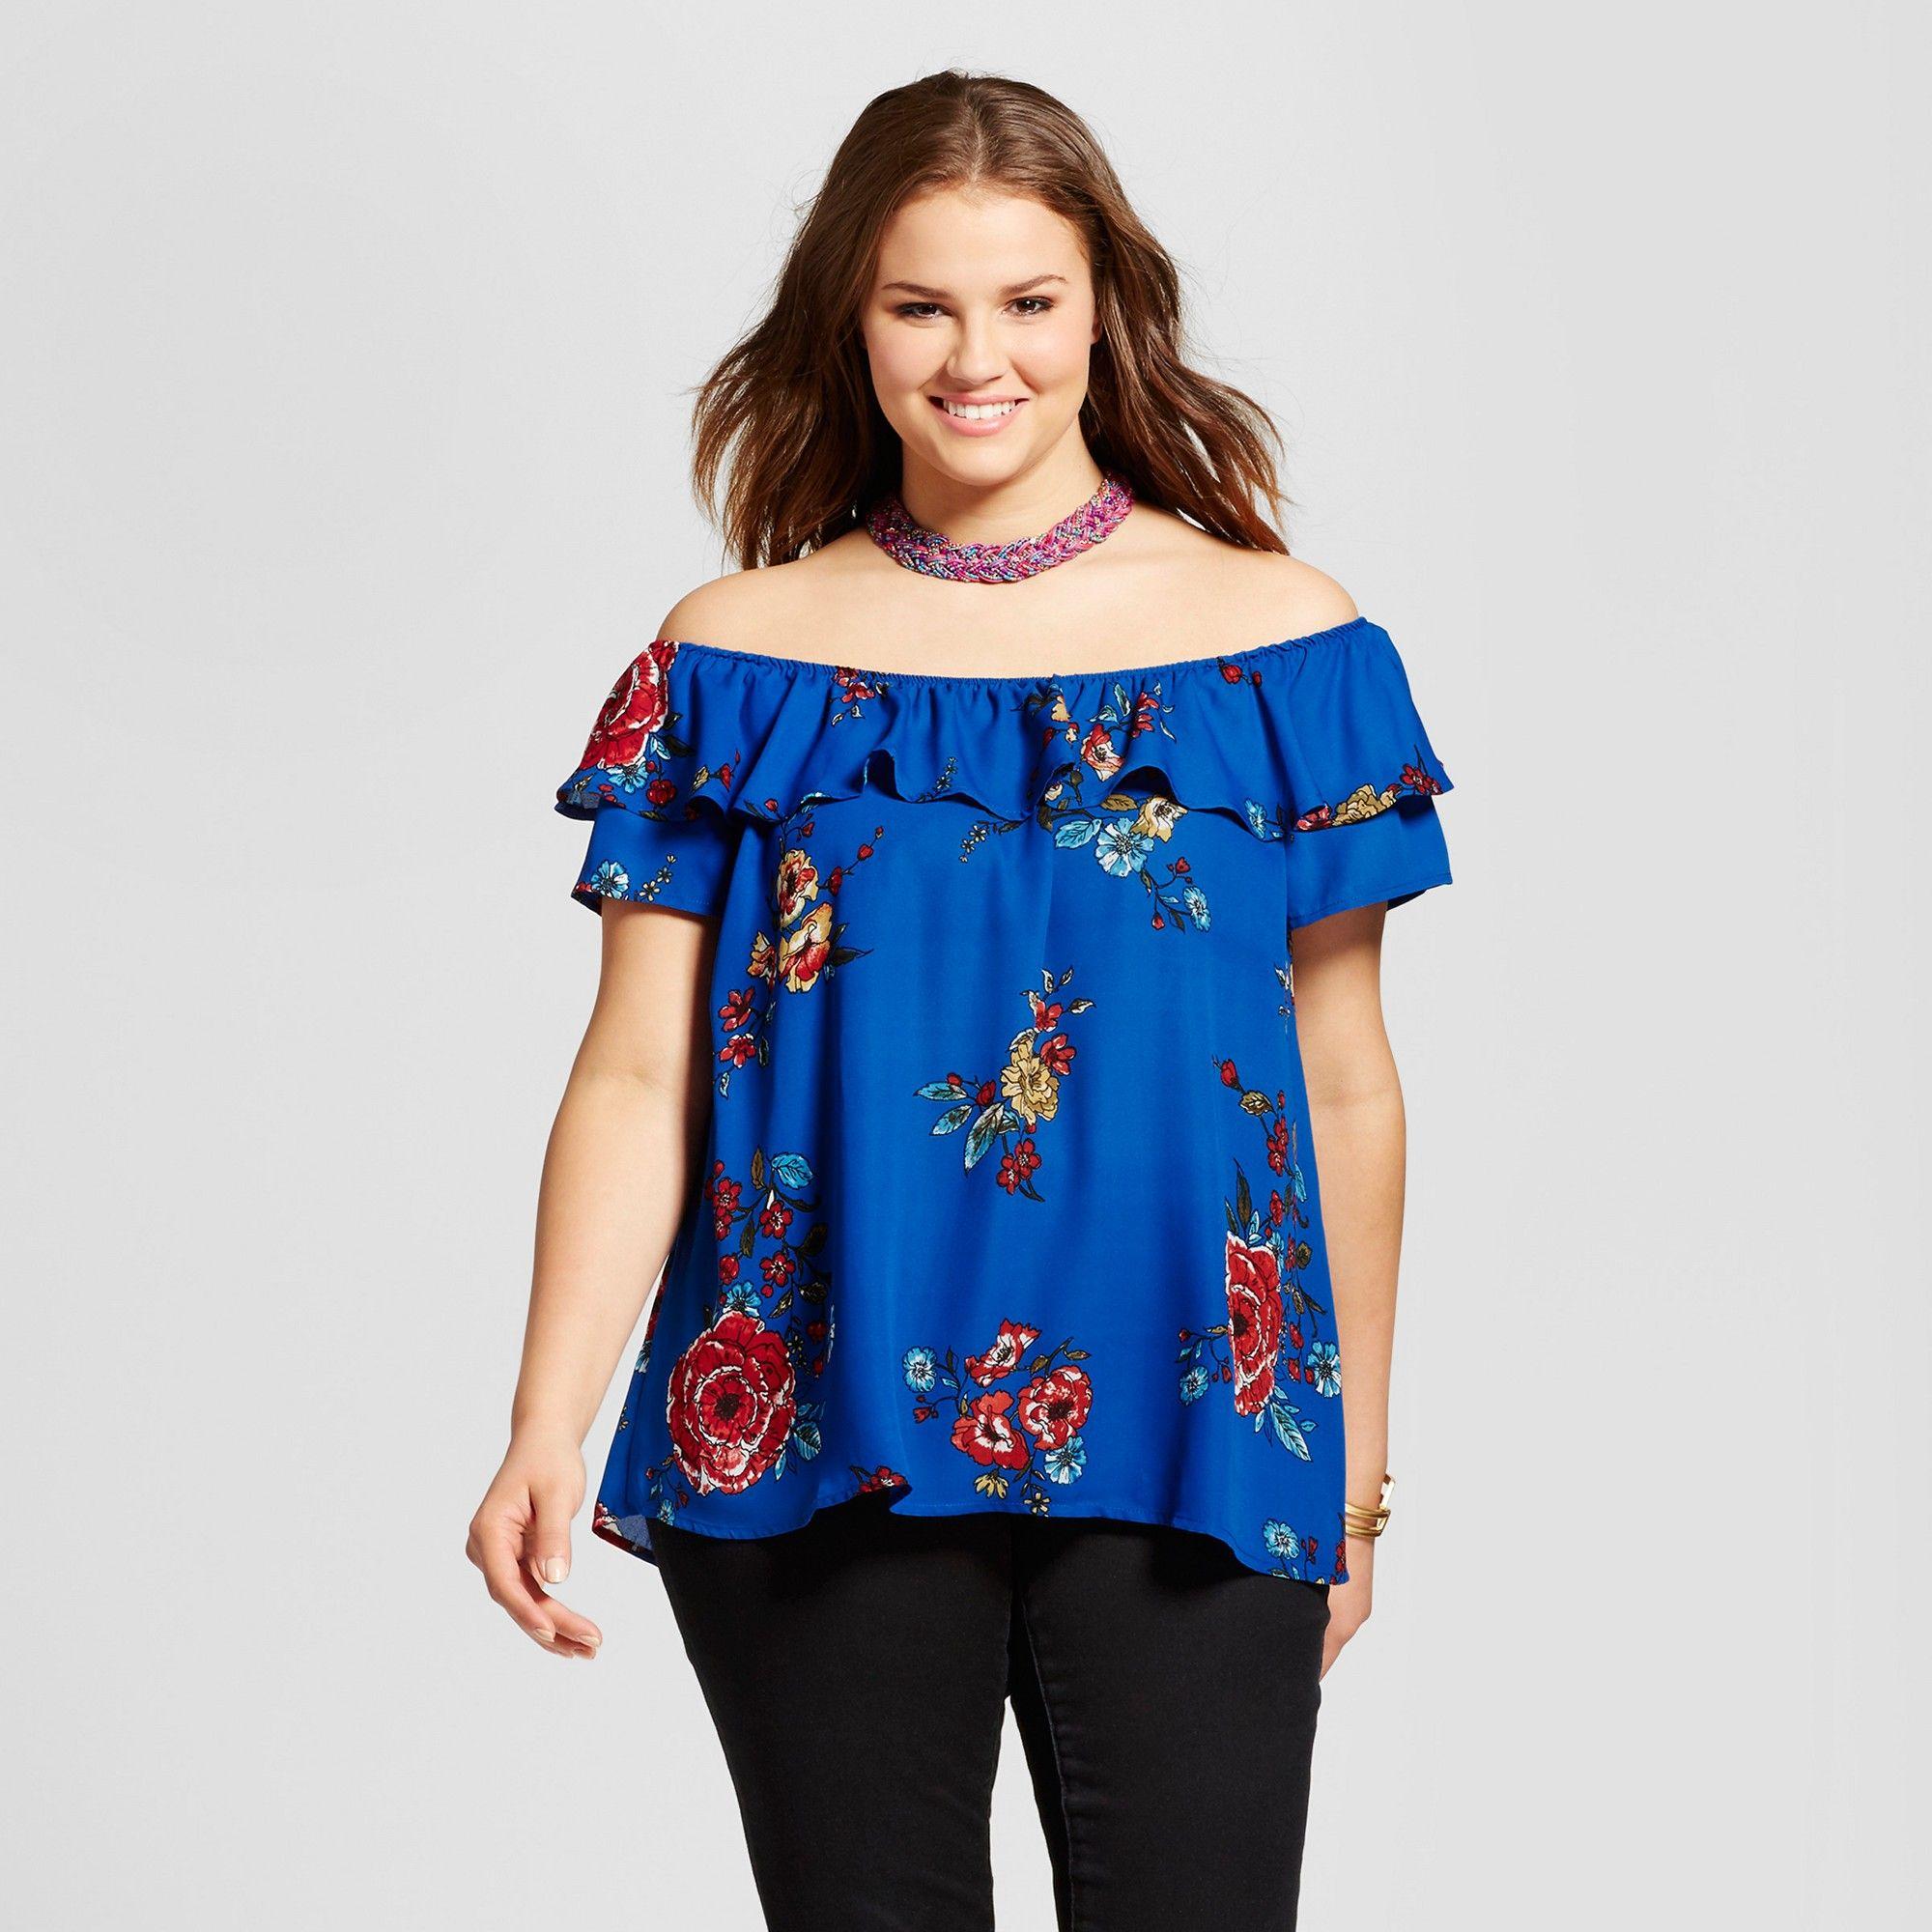 b91e966a6d90e5 Women s Plus Size Off the Shoulder Floral Ruffle Top - Xhilaration Blue 3X